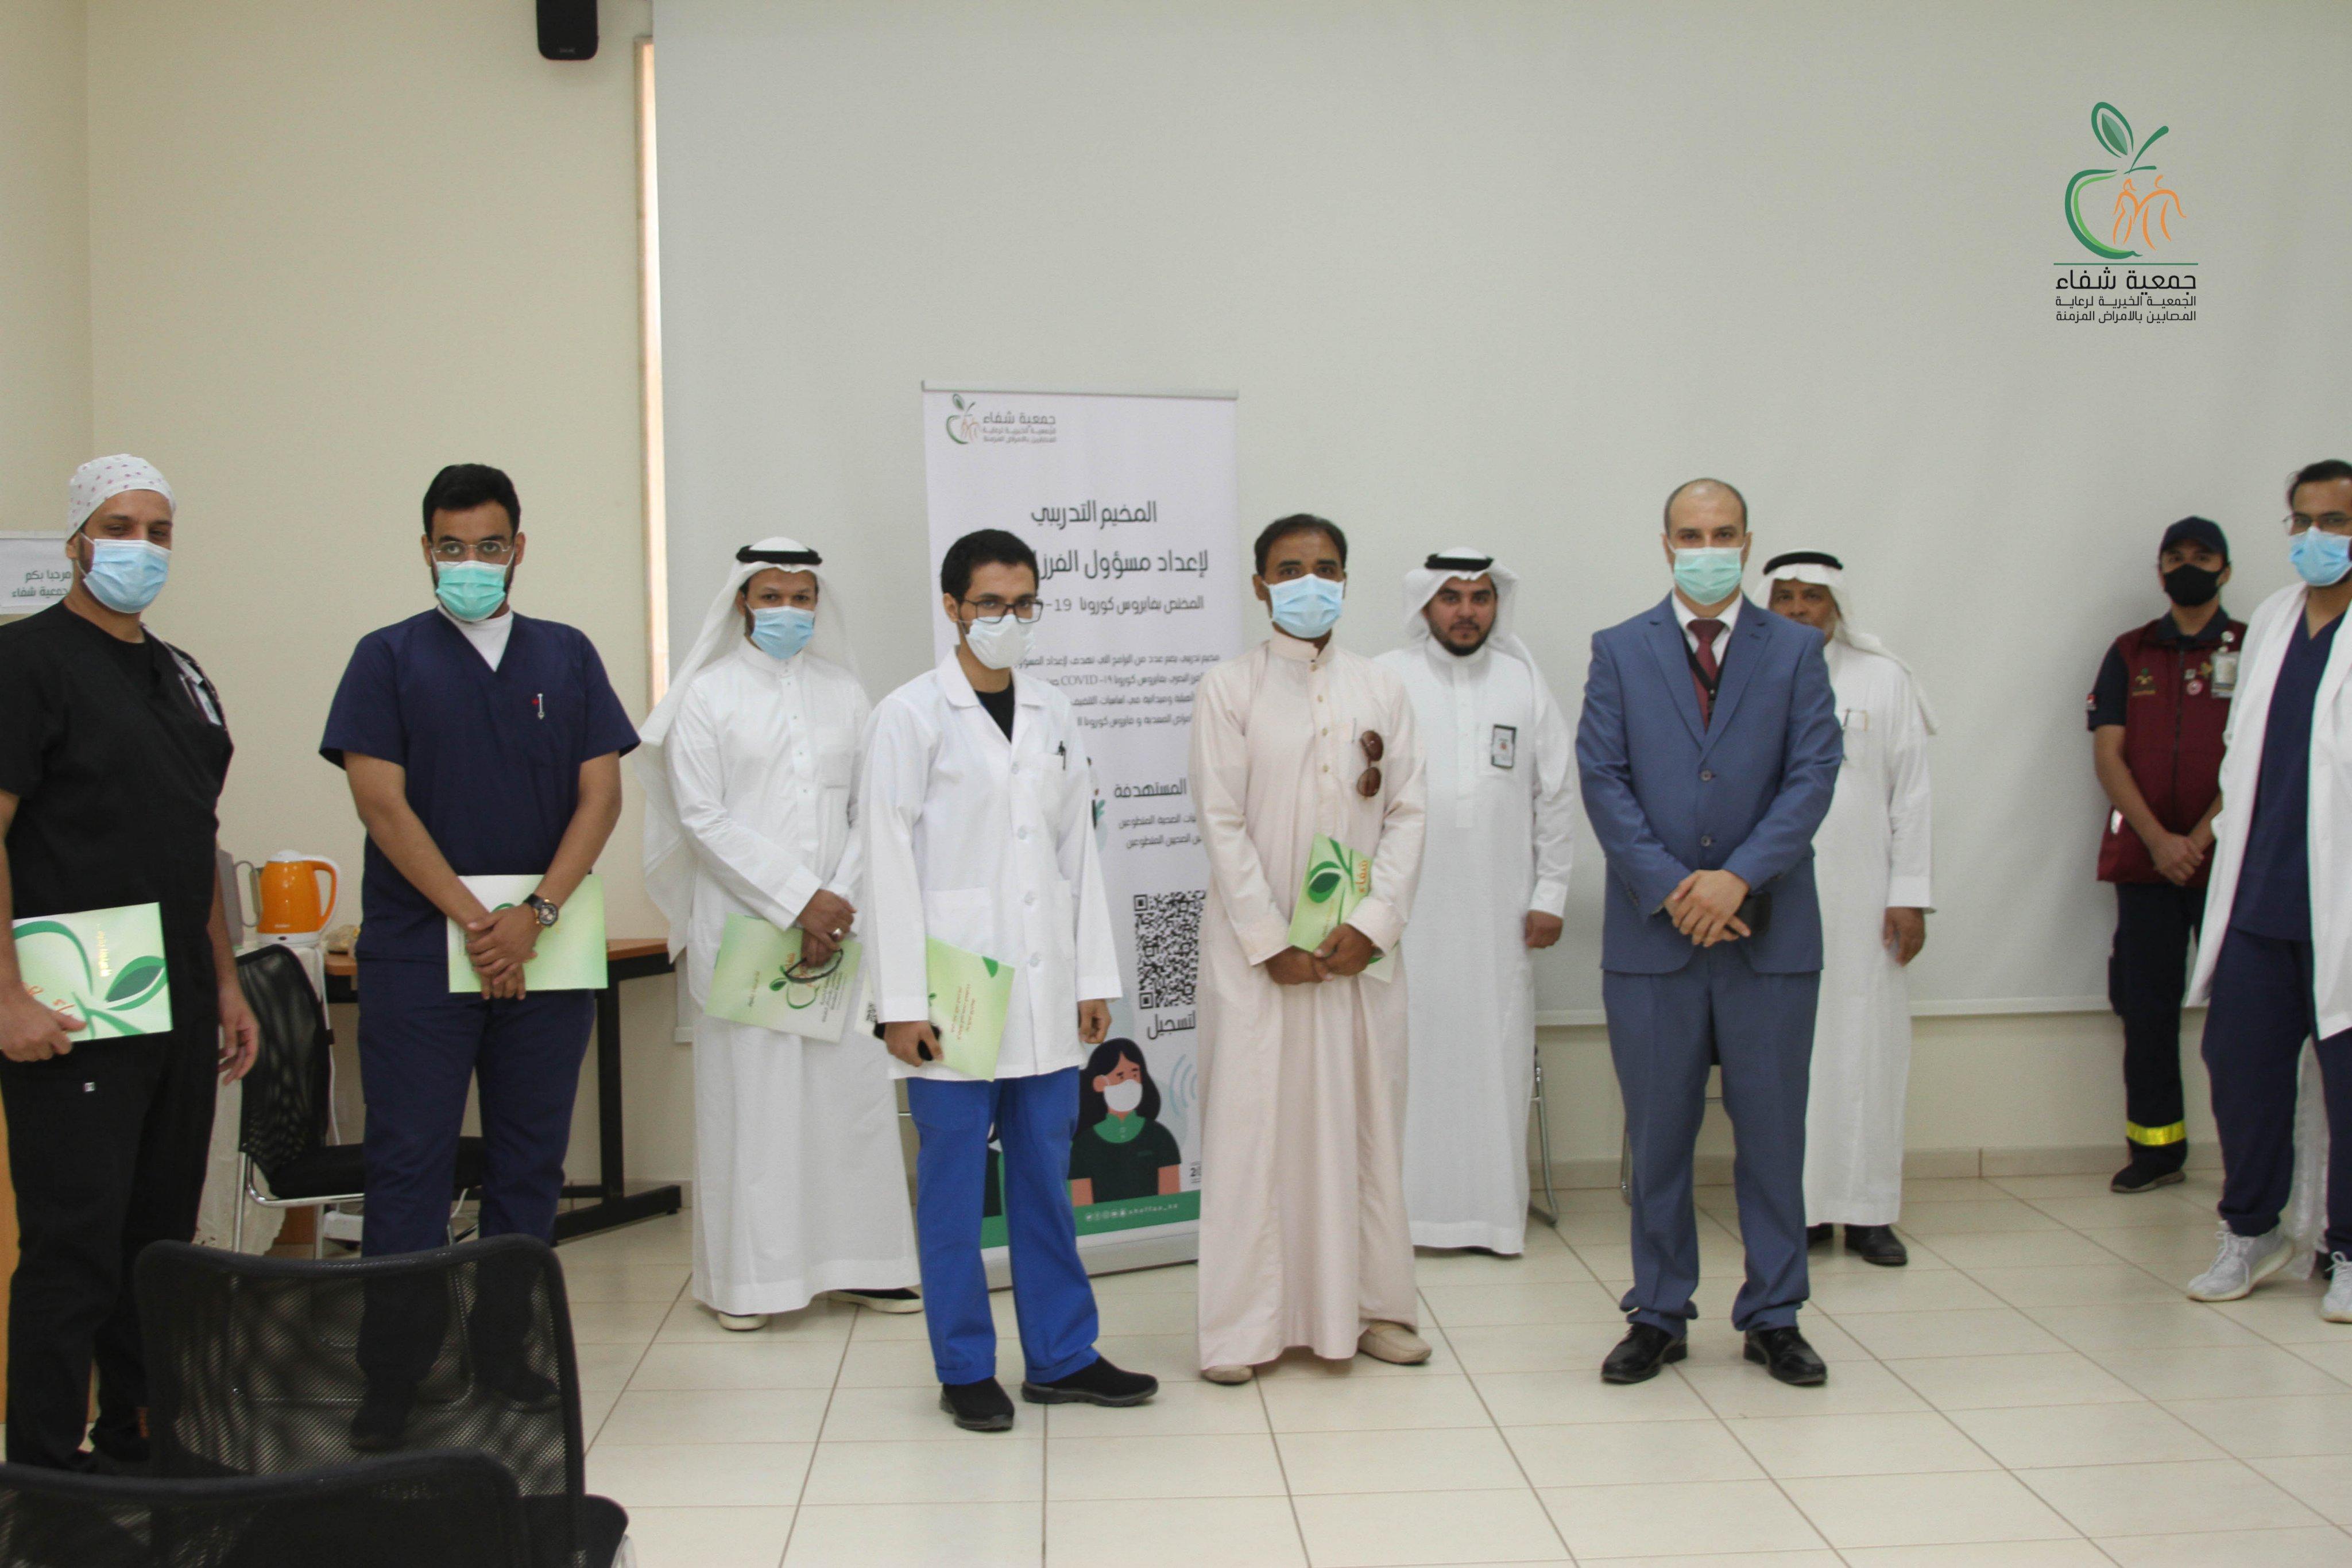 شفاء تنجح في استقبال وتدريب المجموعة الأولى للمخيم التدريبي